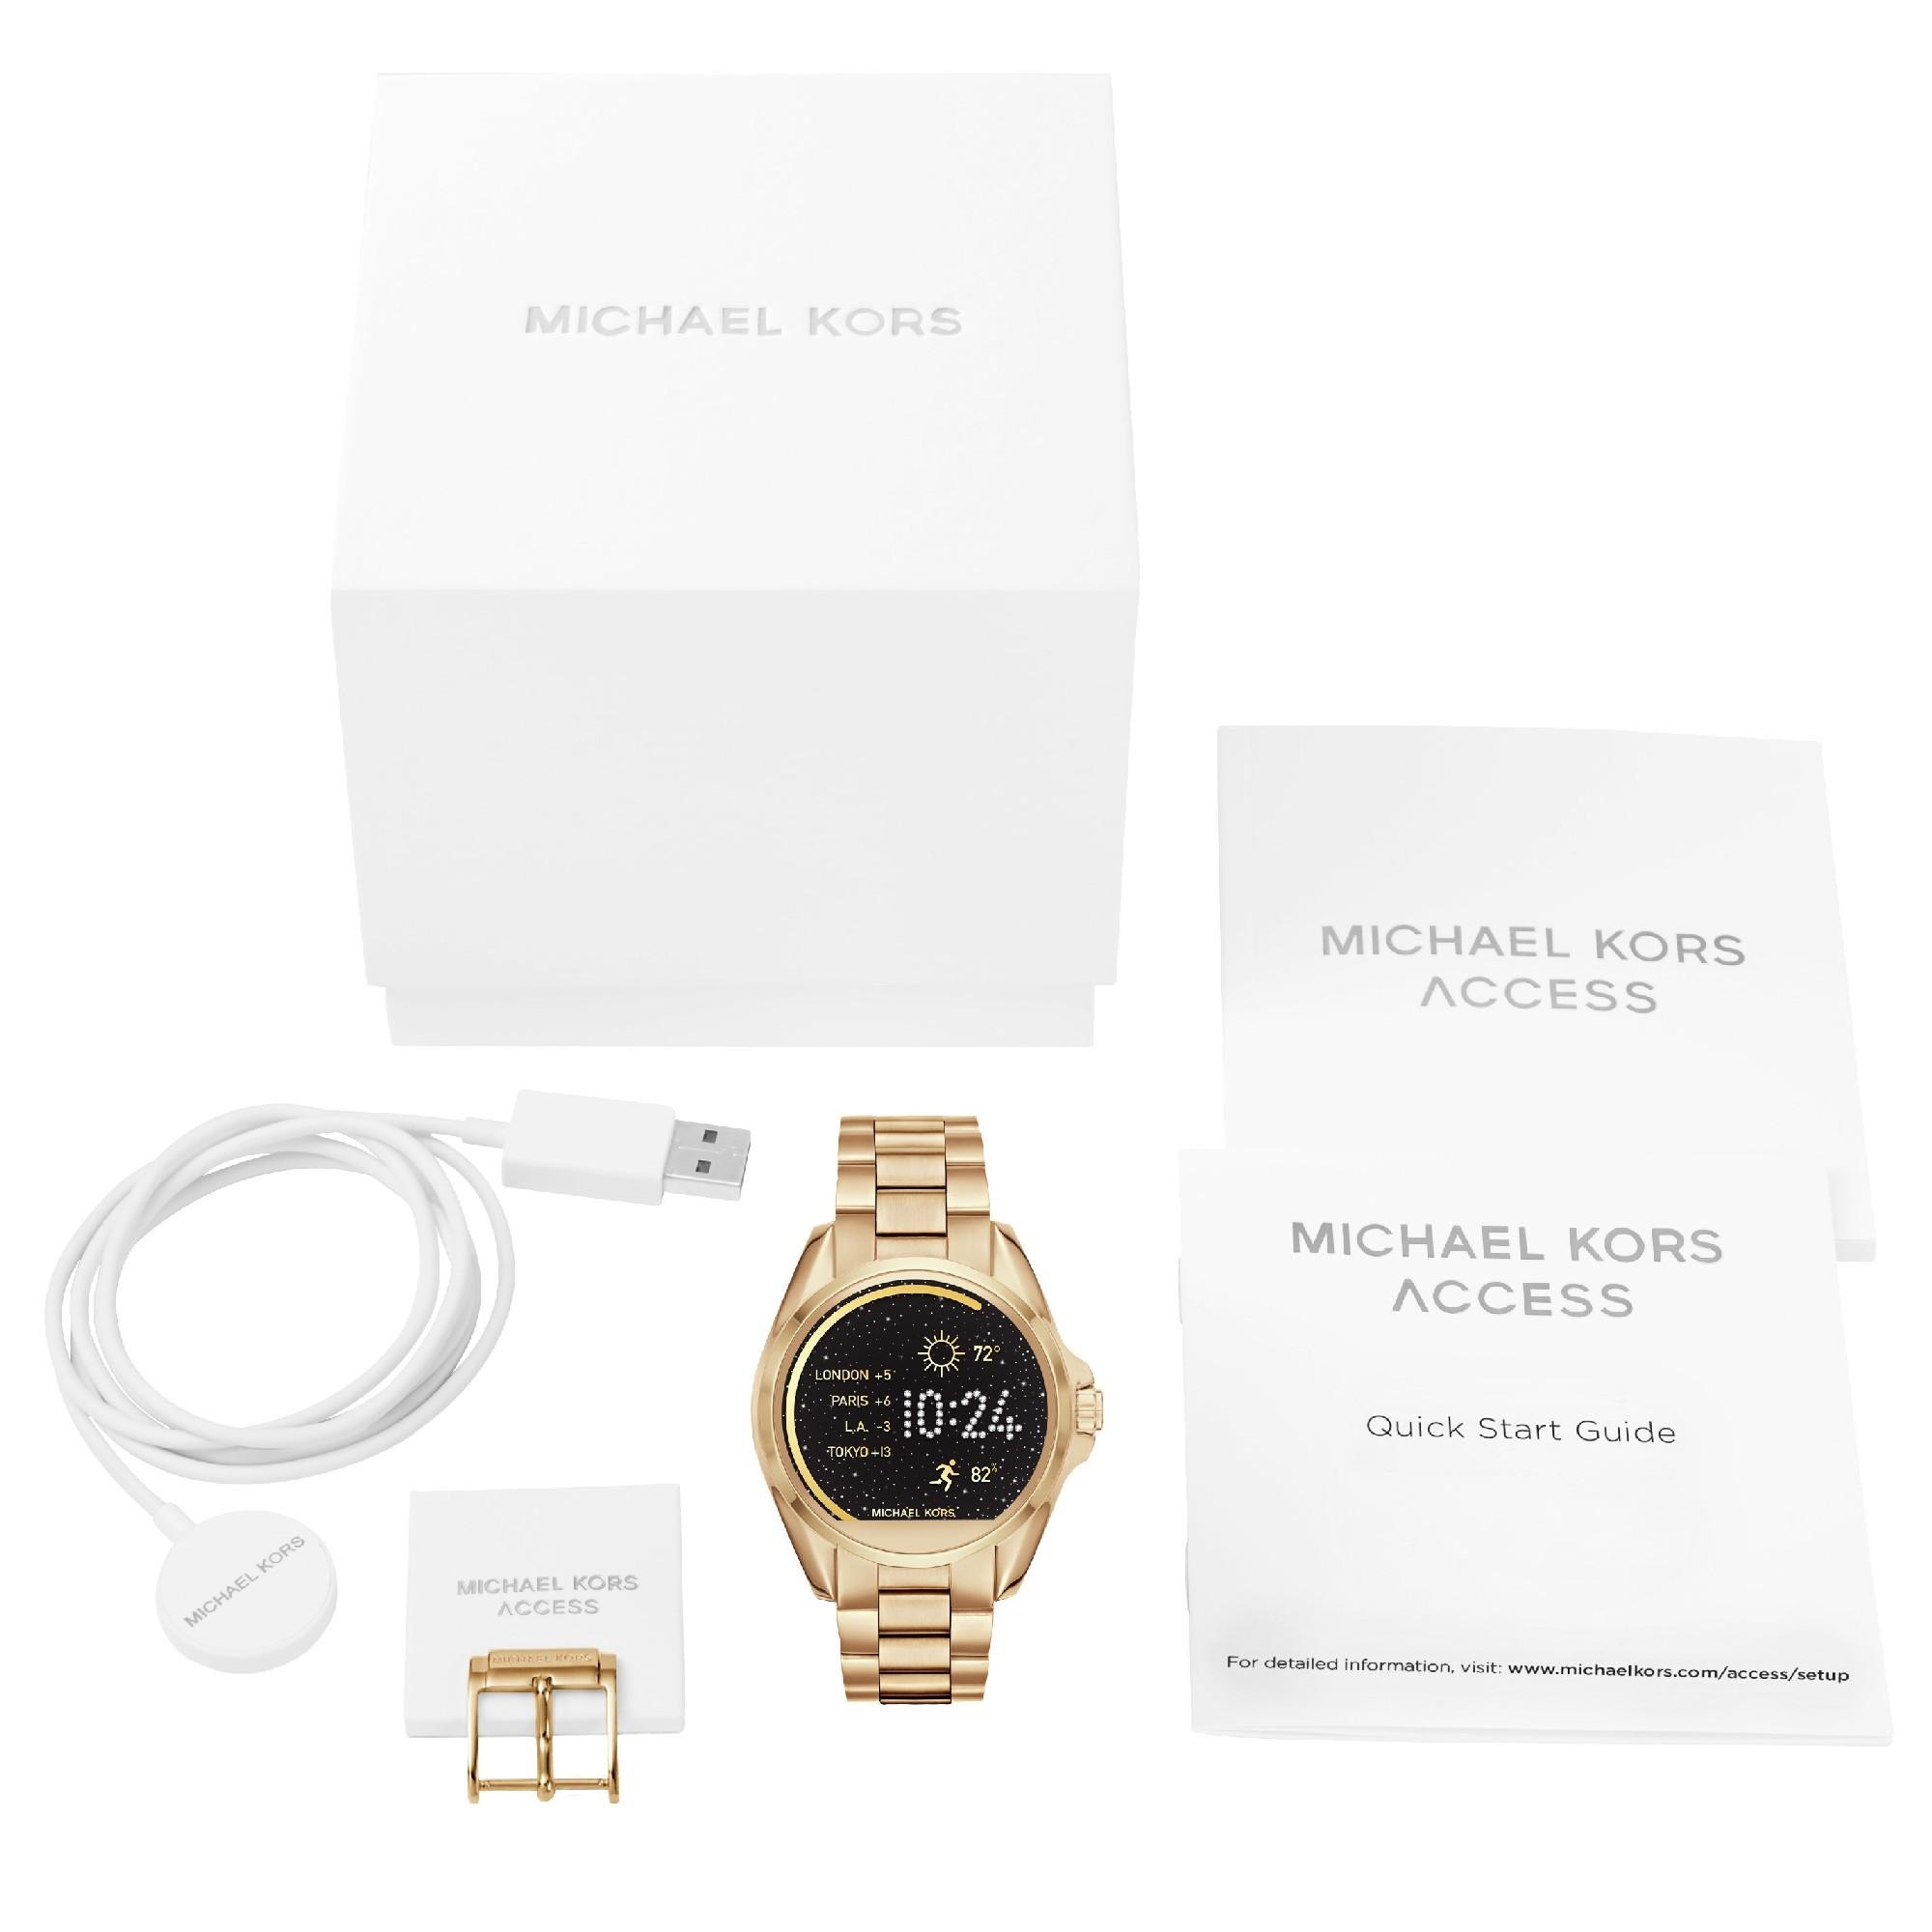 abd28b3a6bd22 Przy zakupie zegarka Michael Kors Access w naszym sklepie otrzymujesz:  oryginalny zegarek smartwatch,